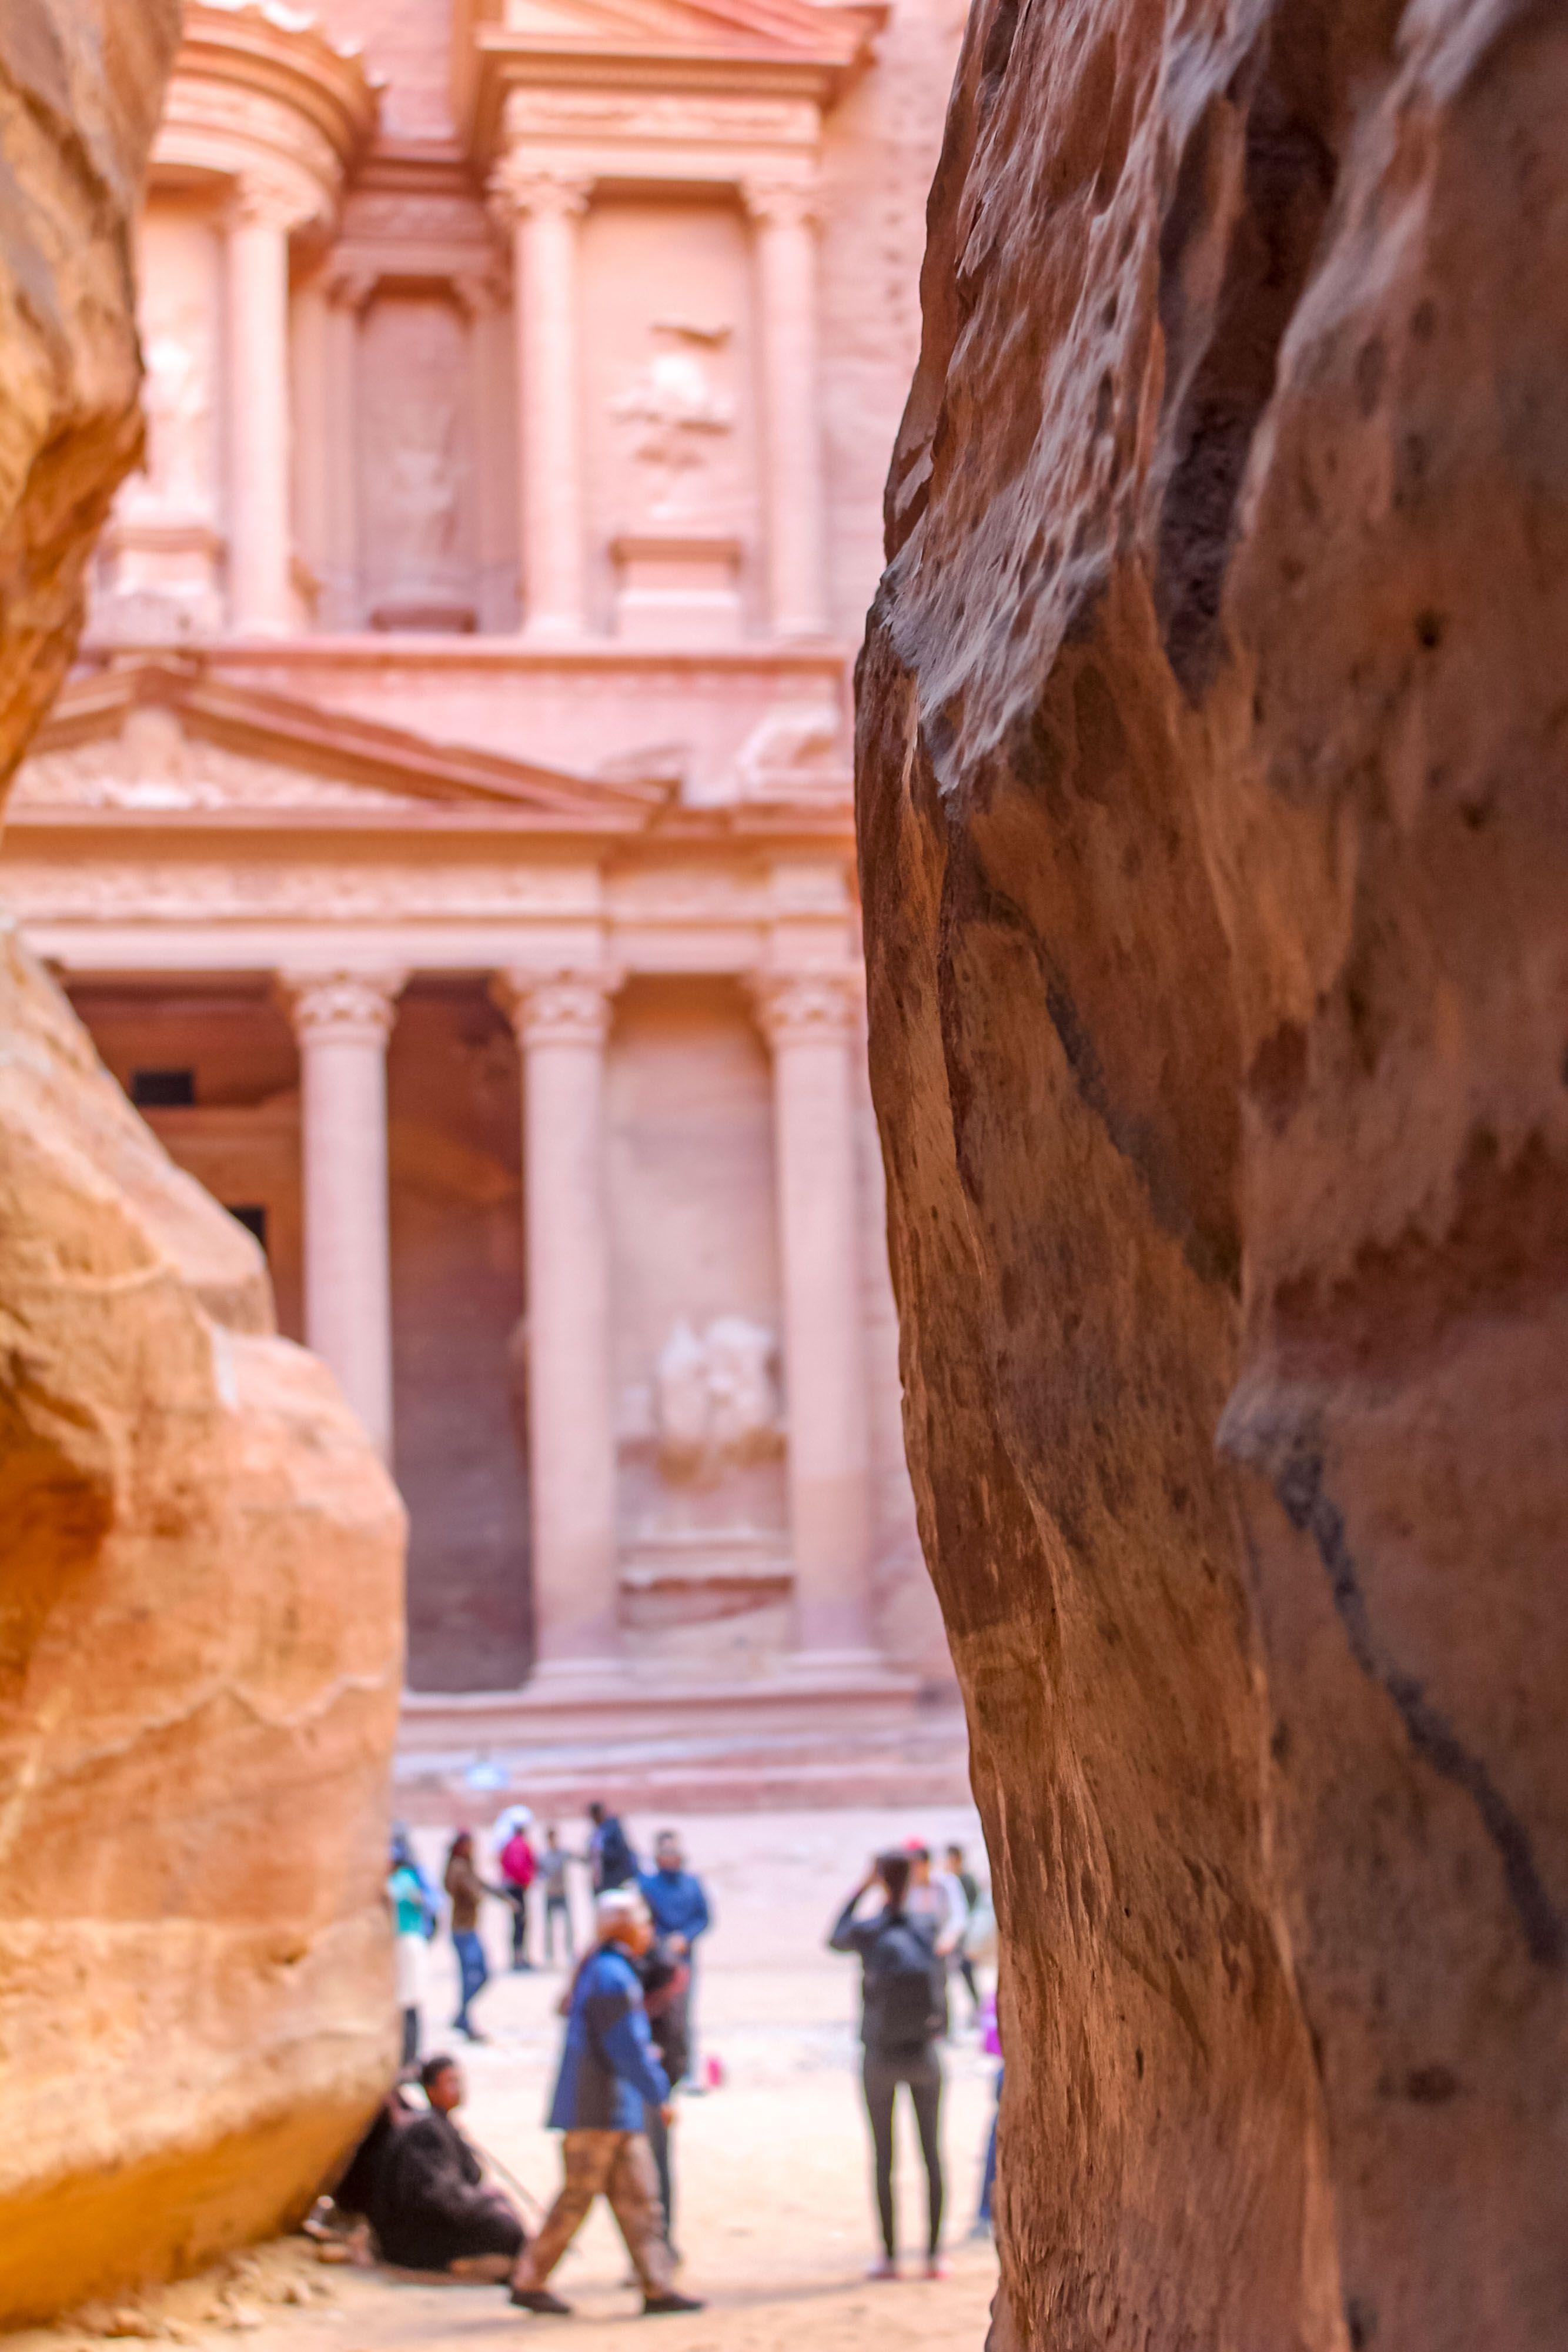 Die Schonsten Jordanien Bilder So Nah Und So Fern Jordanien Reisen Bilder